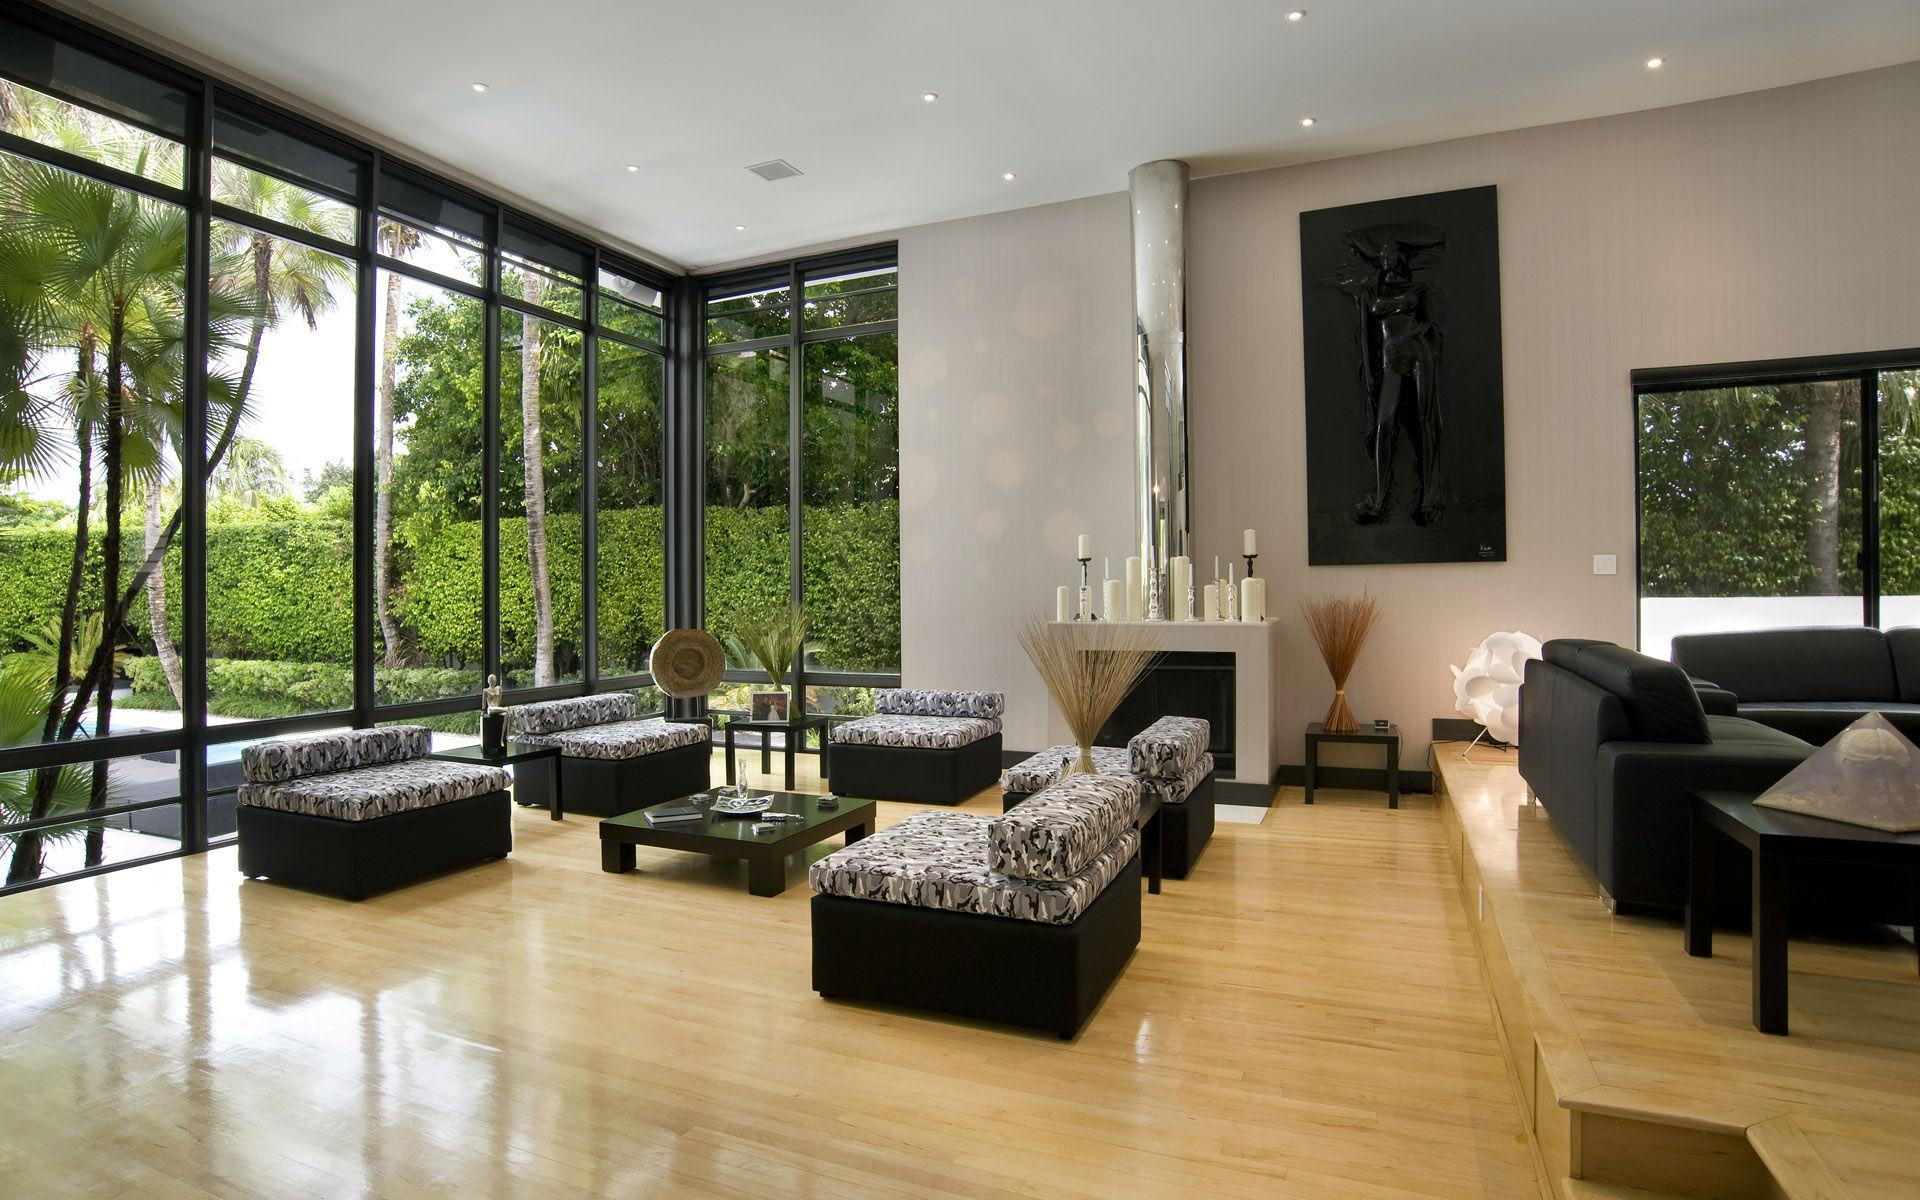 livingroombg